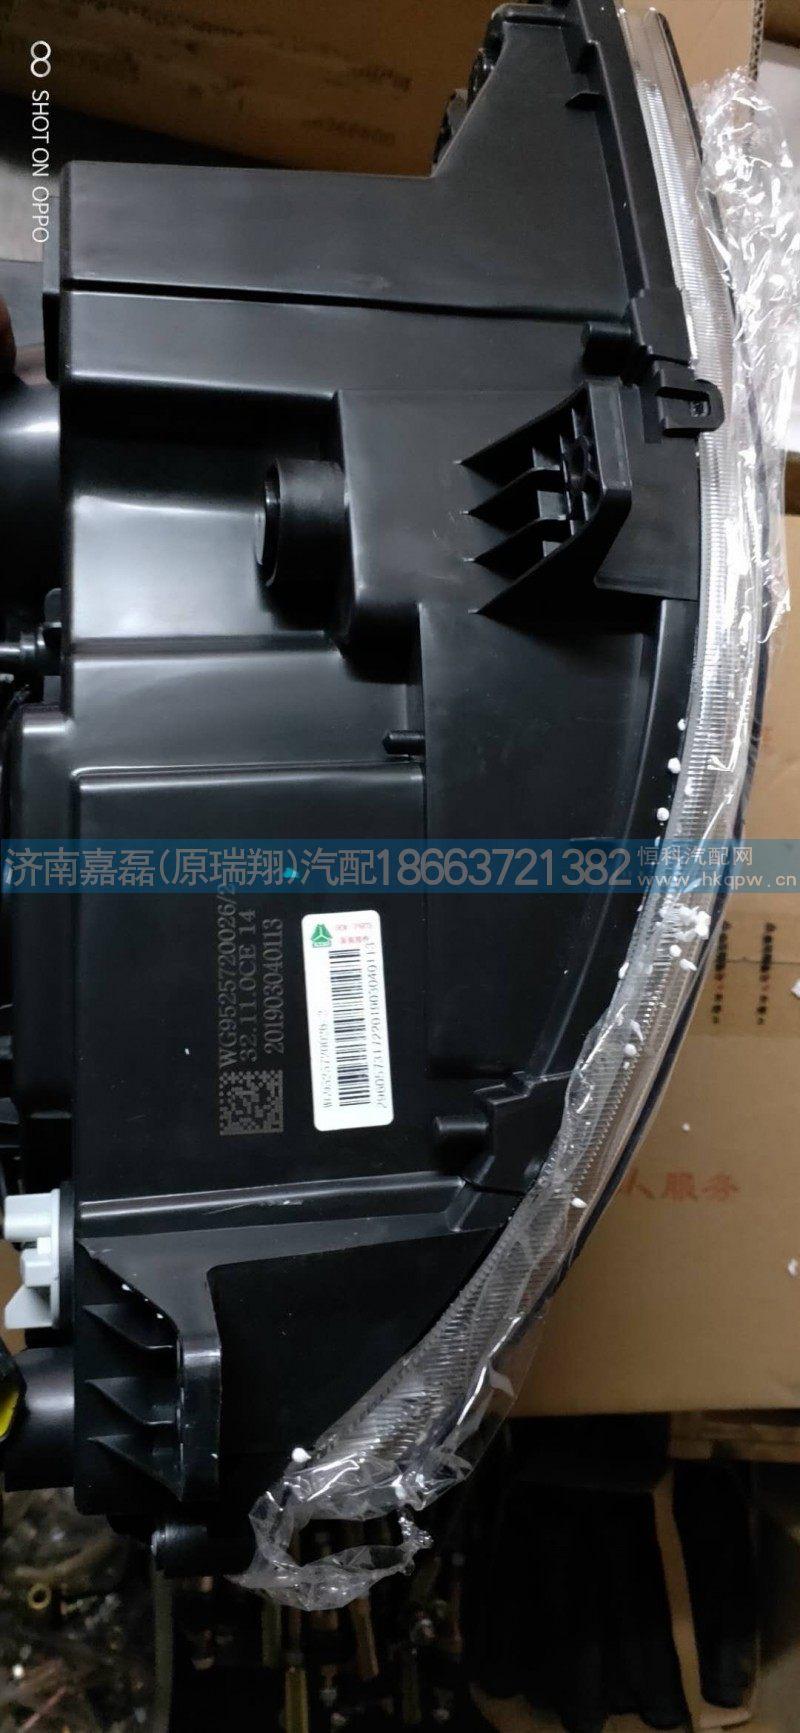 WG9525720026/右前组合大灯 NJ17(电调)/WG9525720026